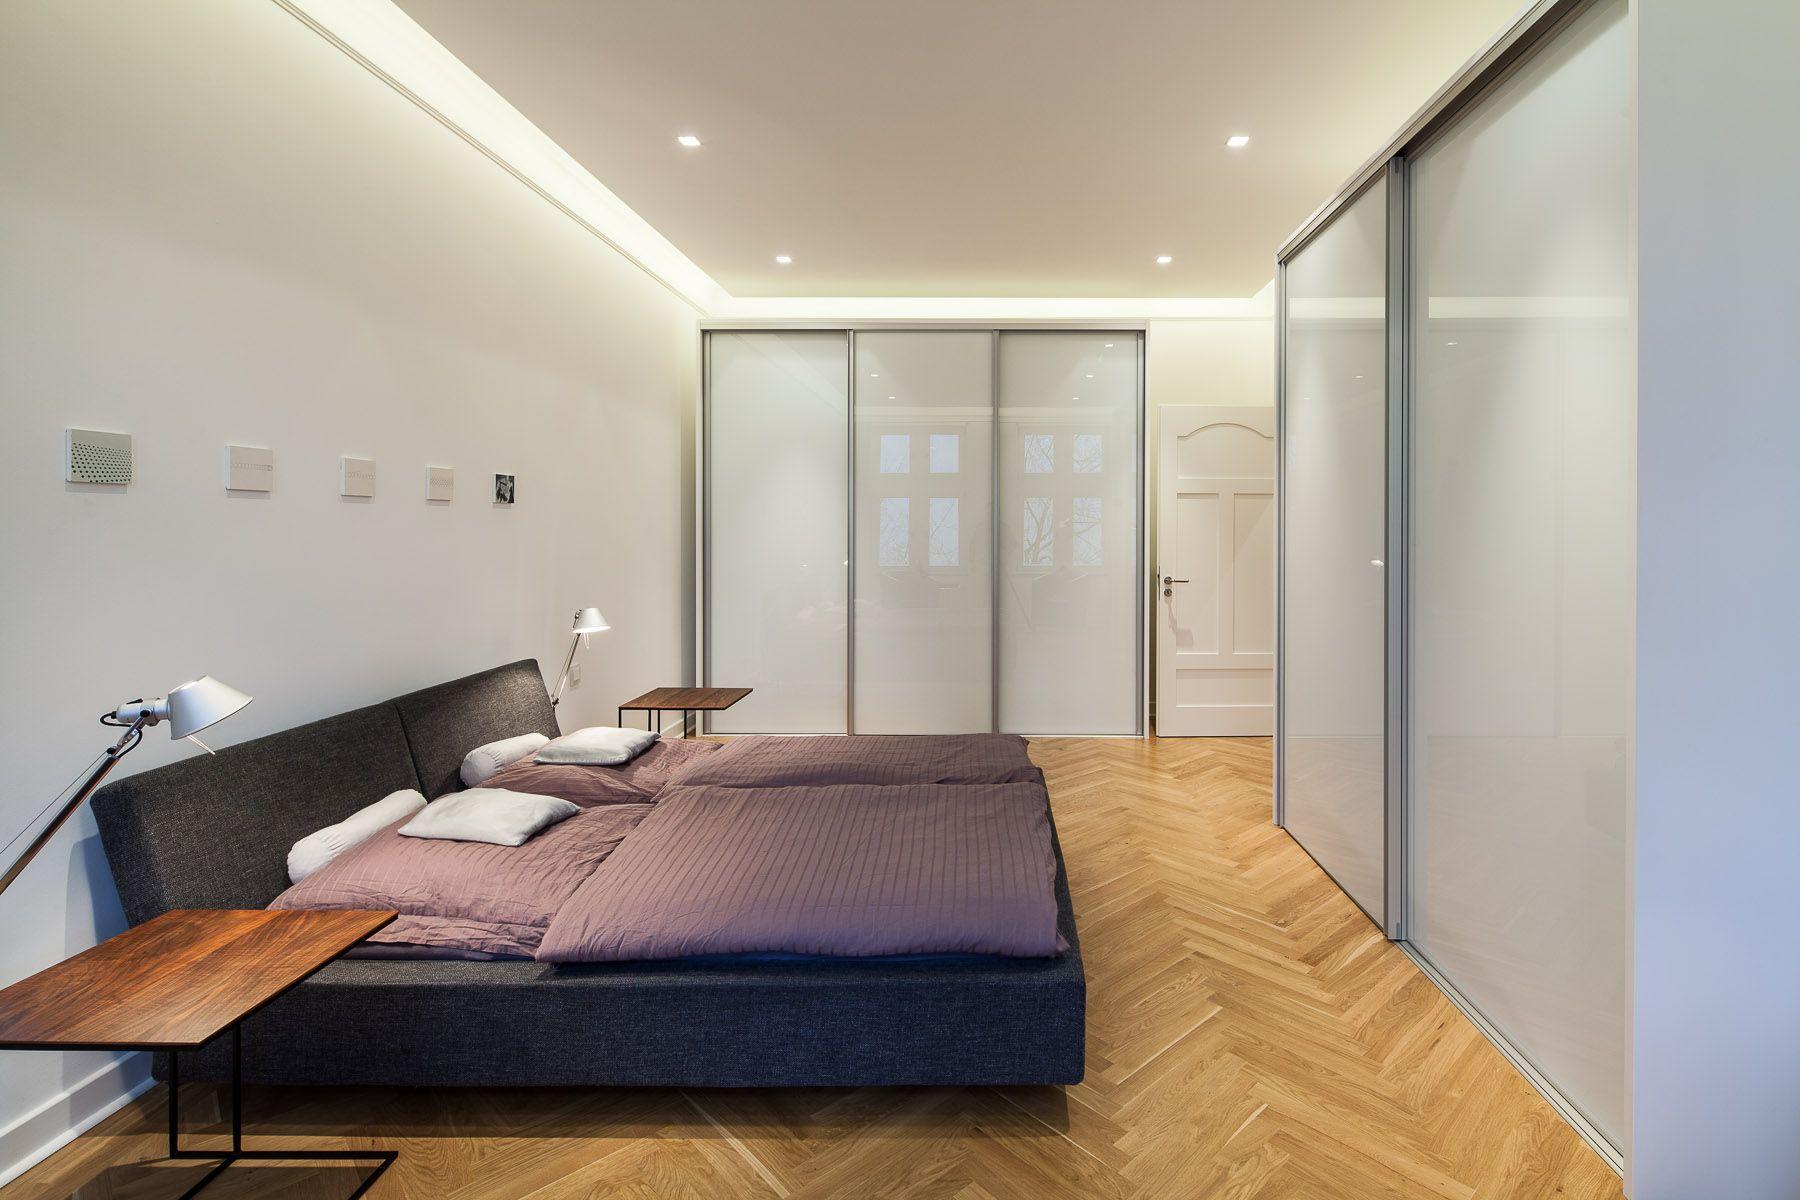 Umbau Wohnung T. - Schlafzimmer mit abgesetzter Abhangdecke und ...